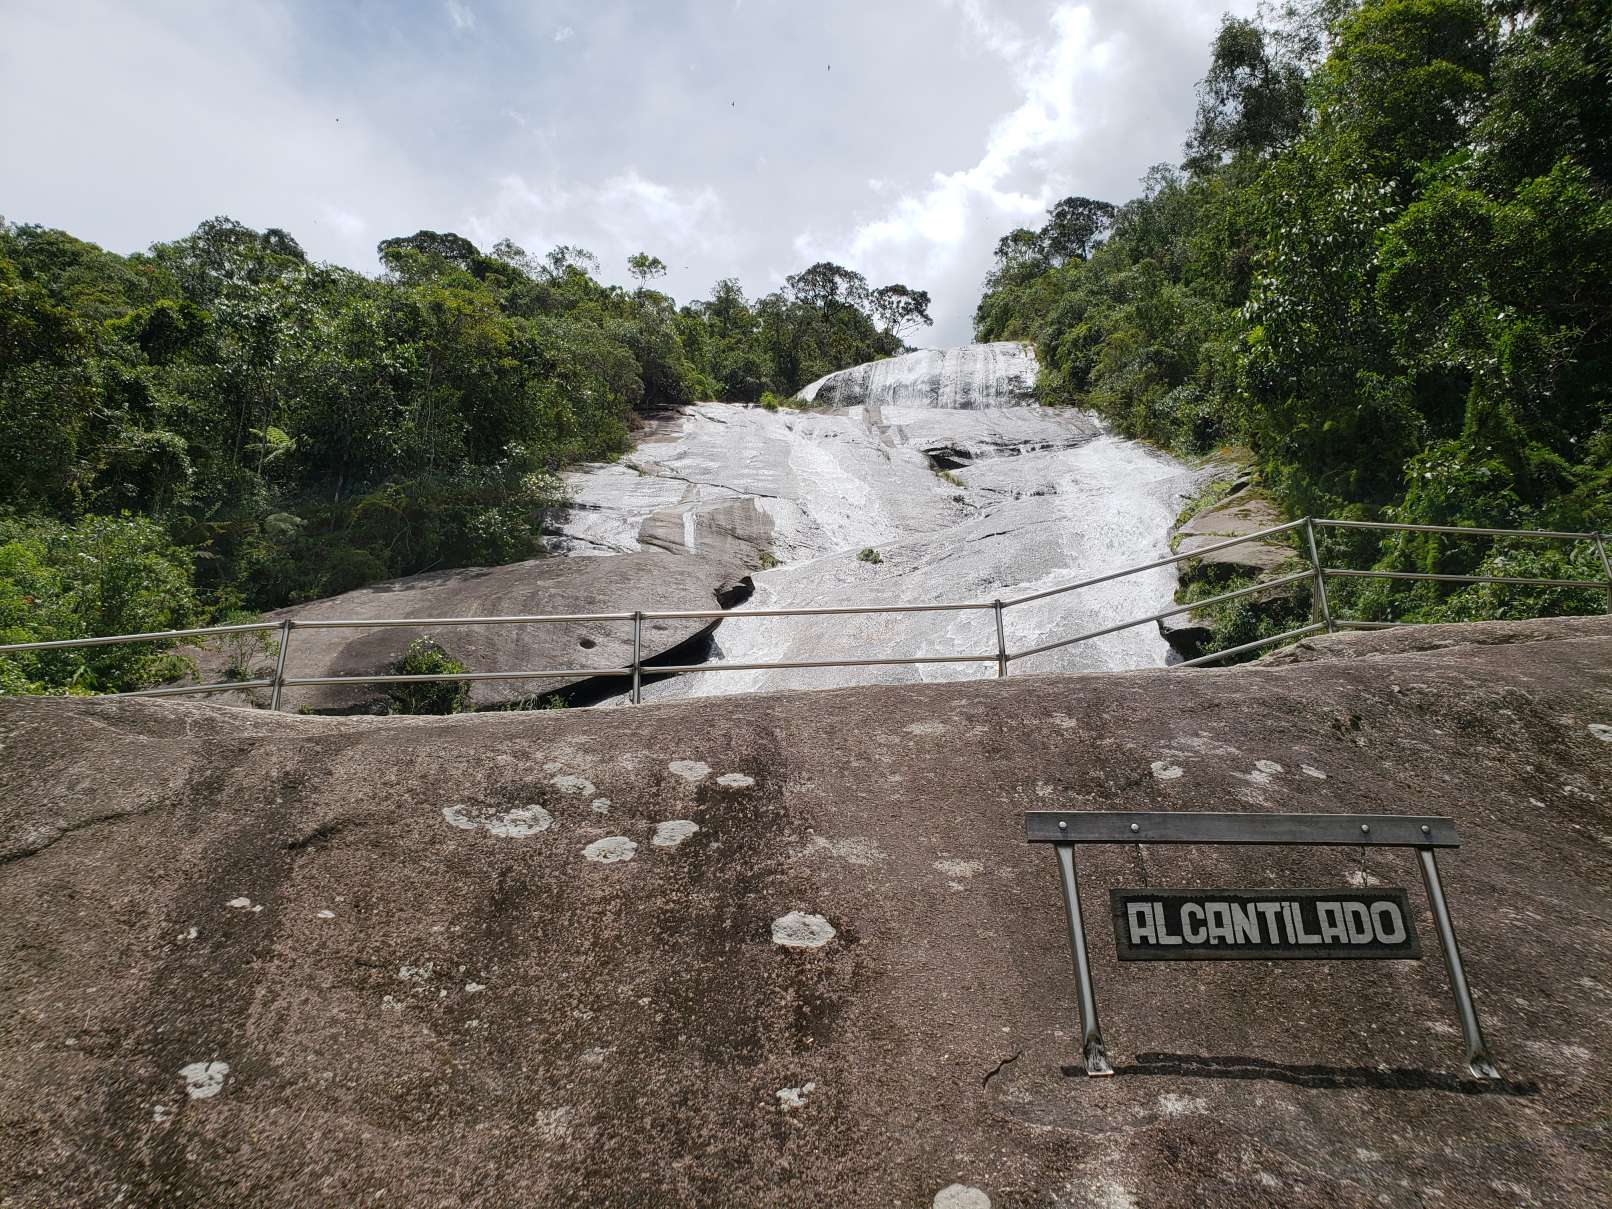 Cachoeiras do Alcantilado